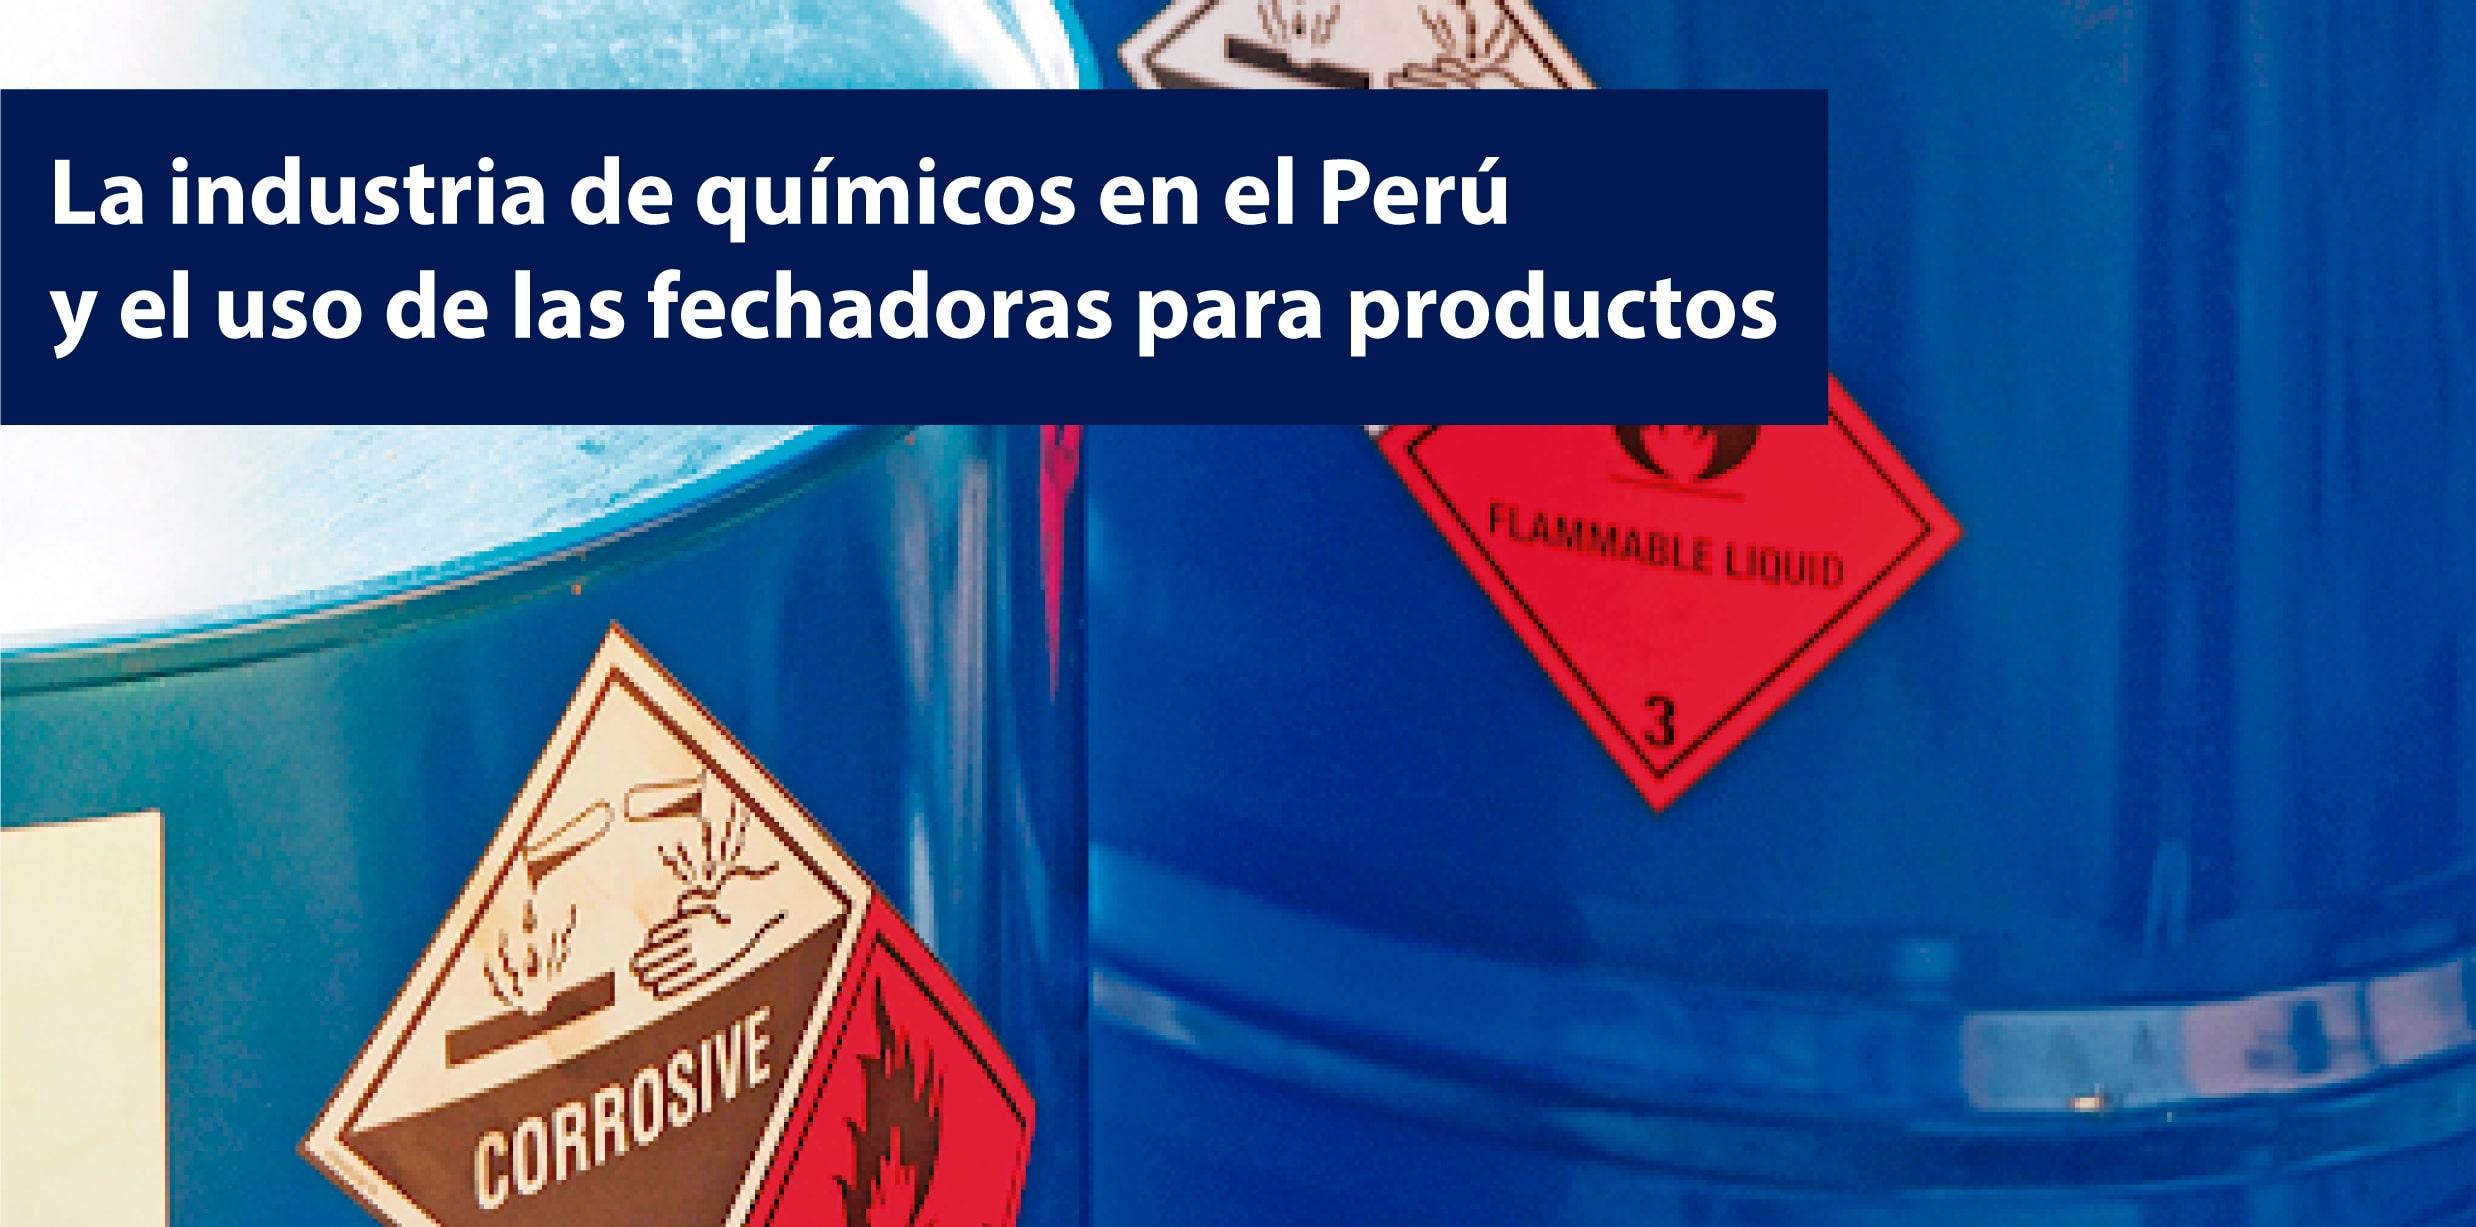 codificadoras para la industria de productos quimicos